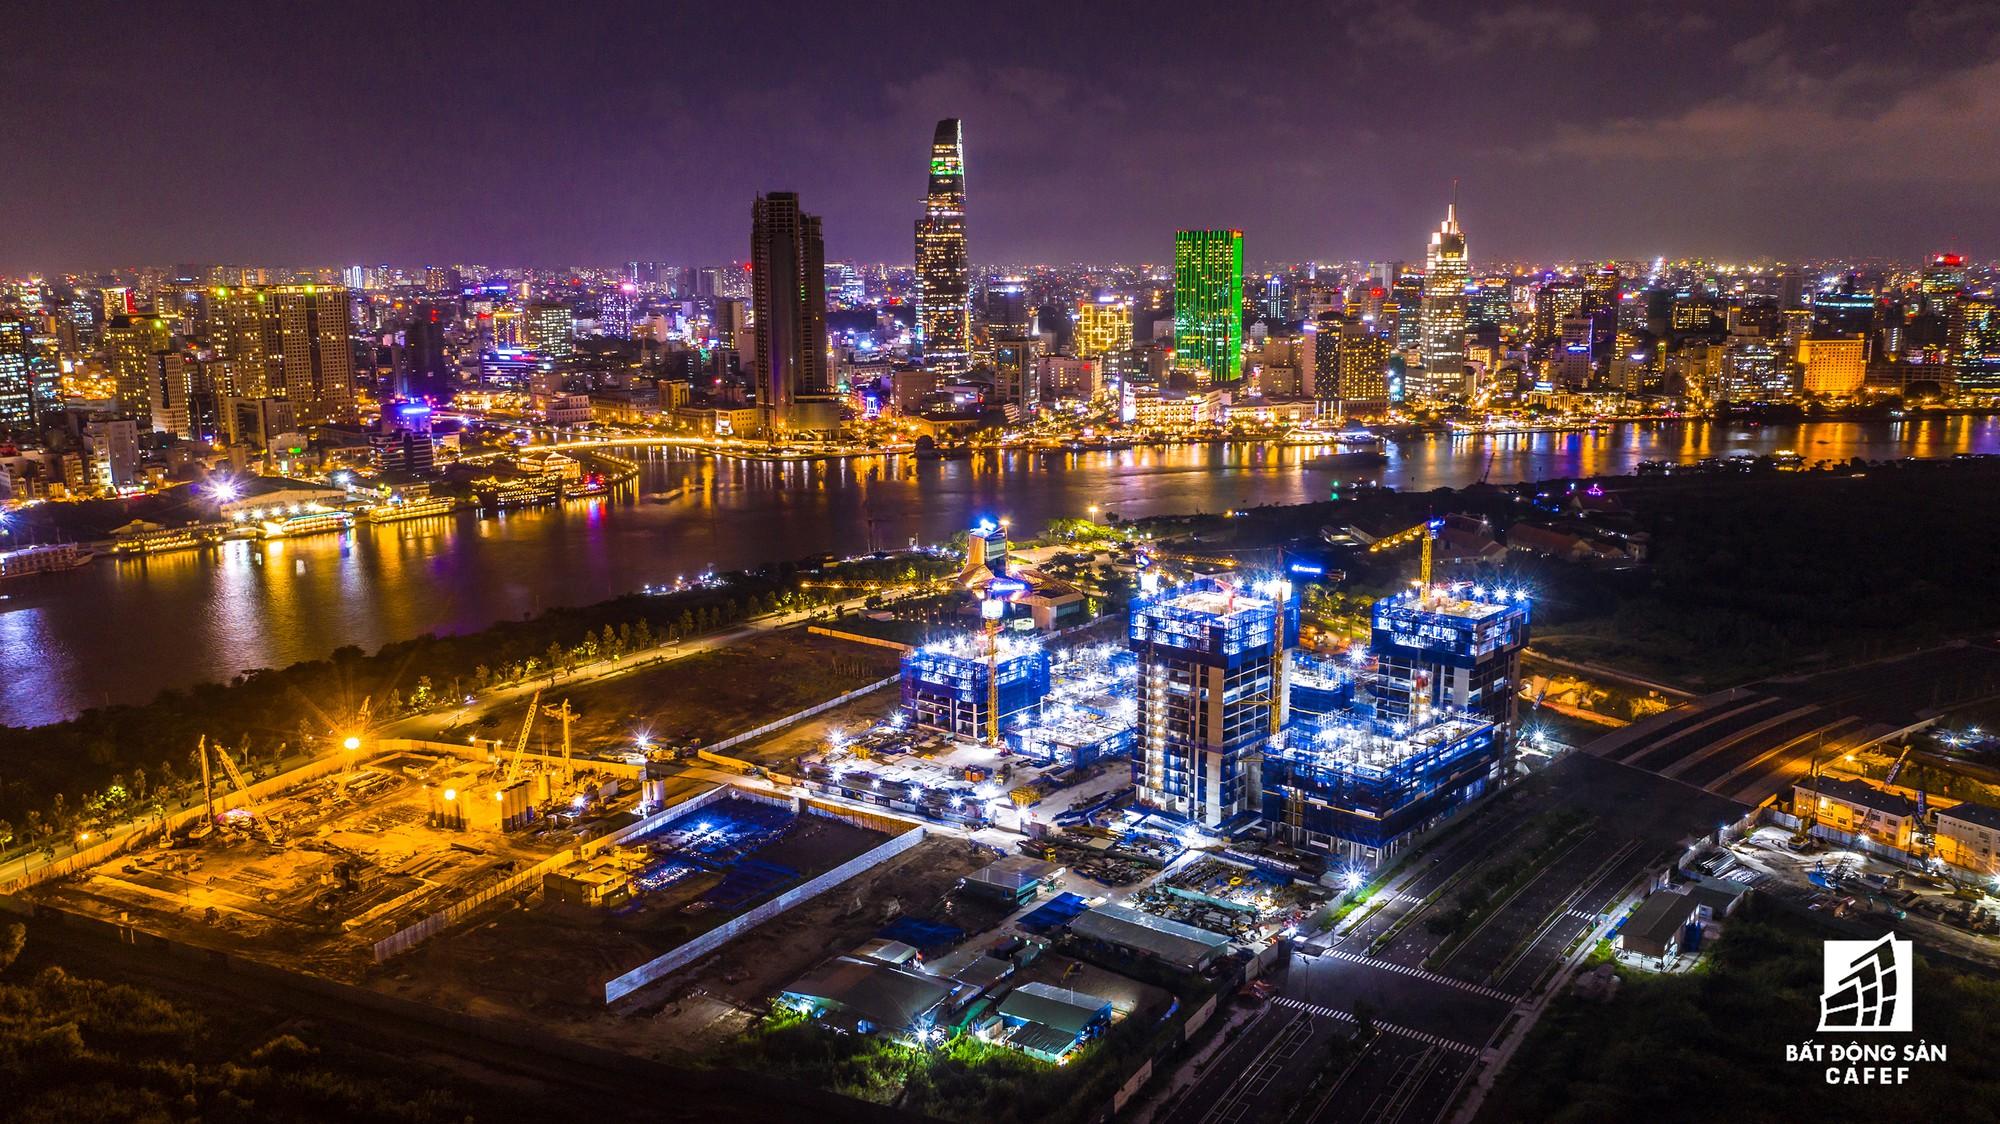 Diện mạo hai bờ sông Sài Gòn tương lai nhìn từ loạt siêu dự án tỷ đô, khu vực trung tâm giá nhà lên hơn 1 tỷ đồng/m2 - Ảnh 14. Diện mạo hai bờ sông Sài Gòn tương lai nhìn từ loạt siêu dự án tỷ đô, khu vực trung tâm giá nhà lên hơn 1 tỷ đồng/m2 Diện mạo hai bờ sông Sài Gòn tương lai nhìn từ loạt siêu dự án tỷ đô, khu vực trung tâm giá nhà lên hơn 1 tỷ đồng/m2 hinh 43 15682751252471611665295